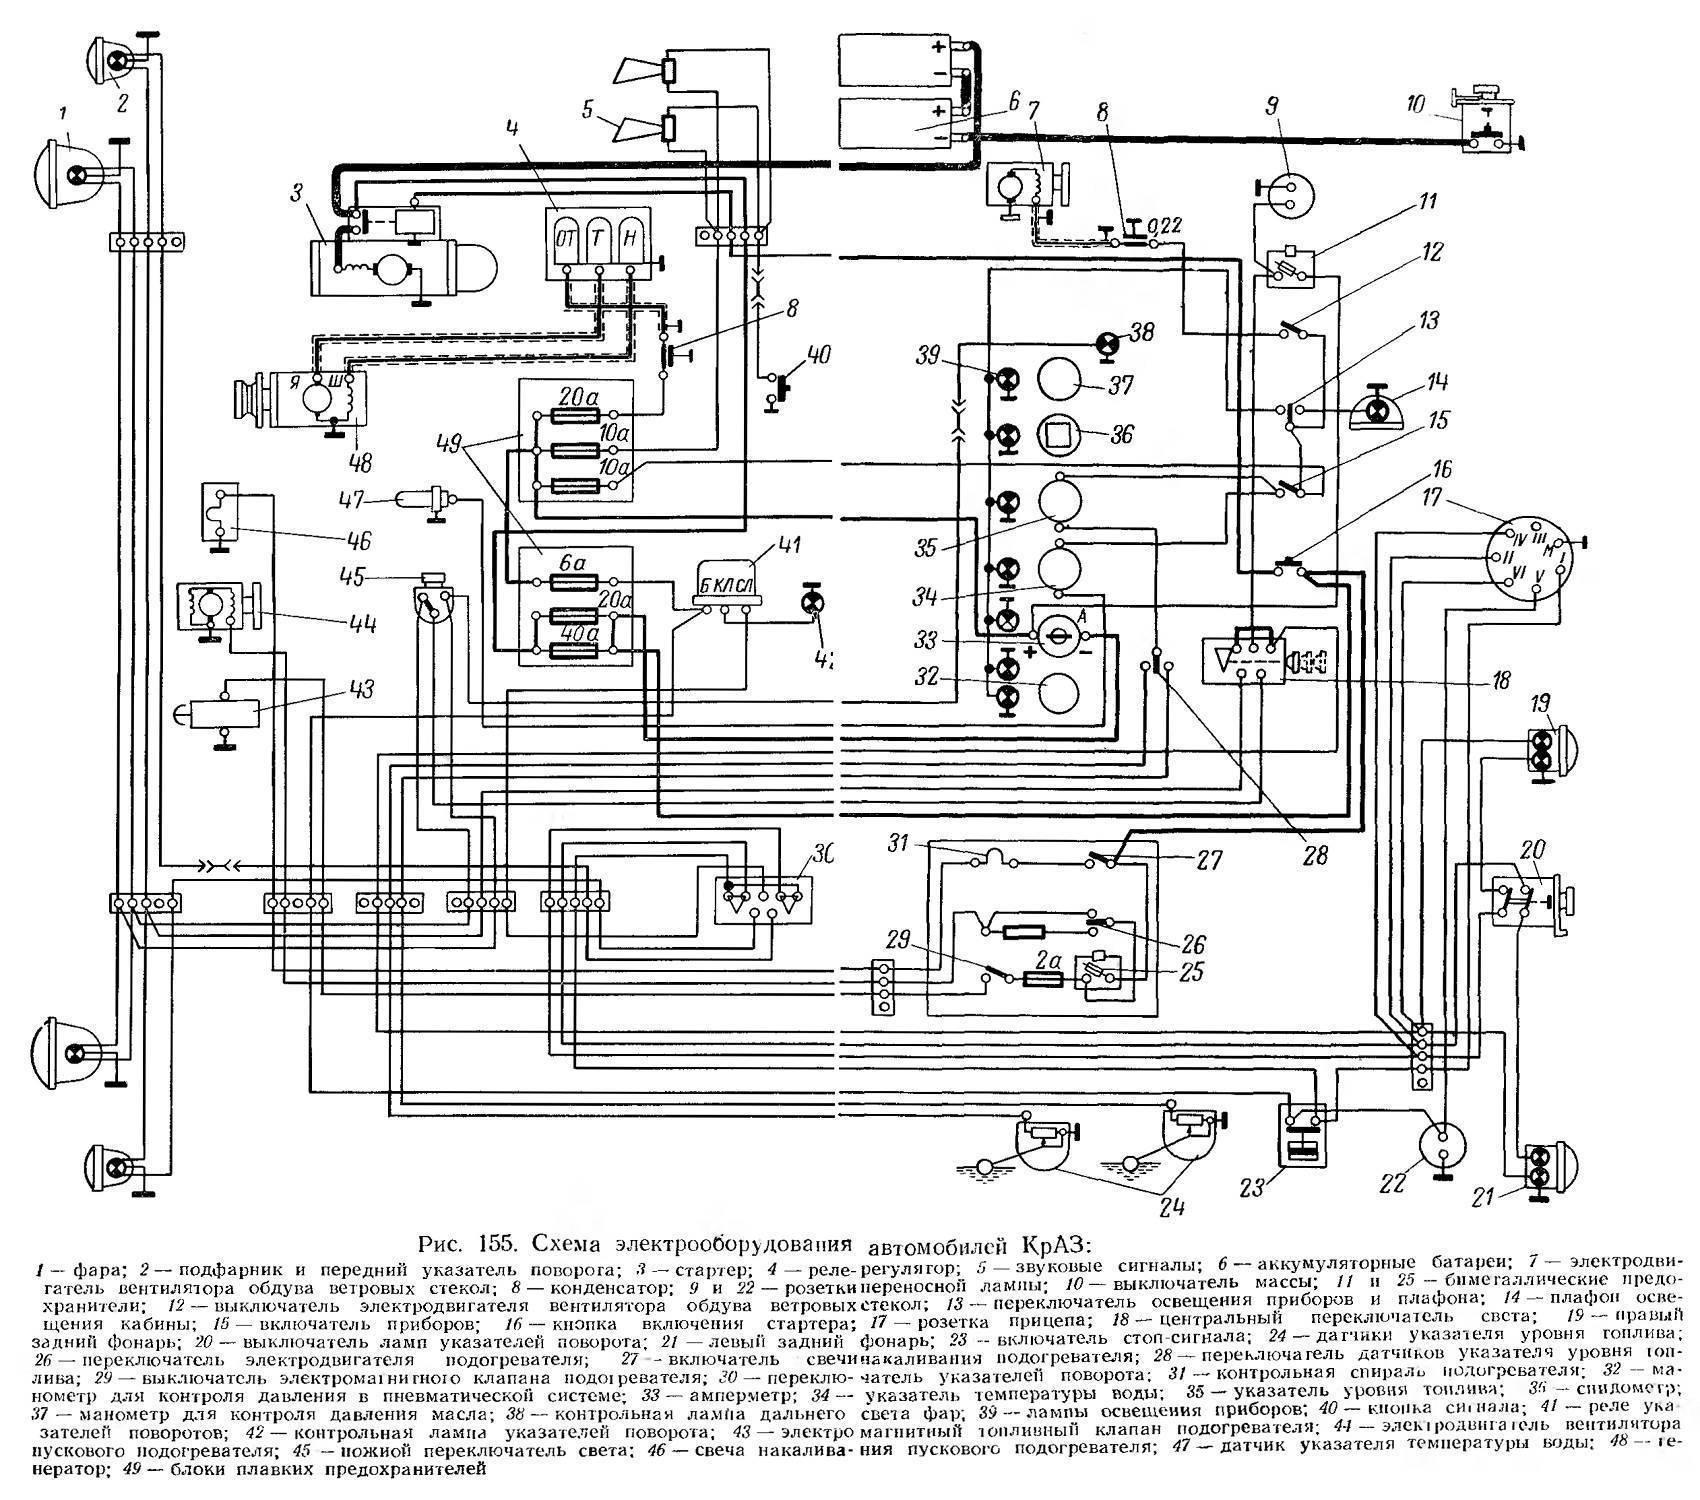 Зил-133гя: технические характеристики